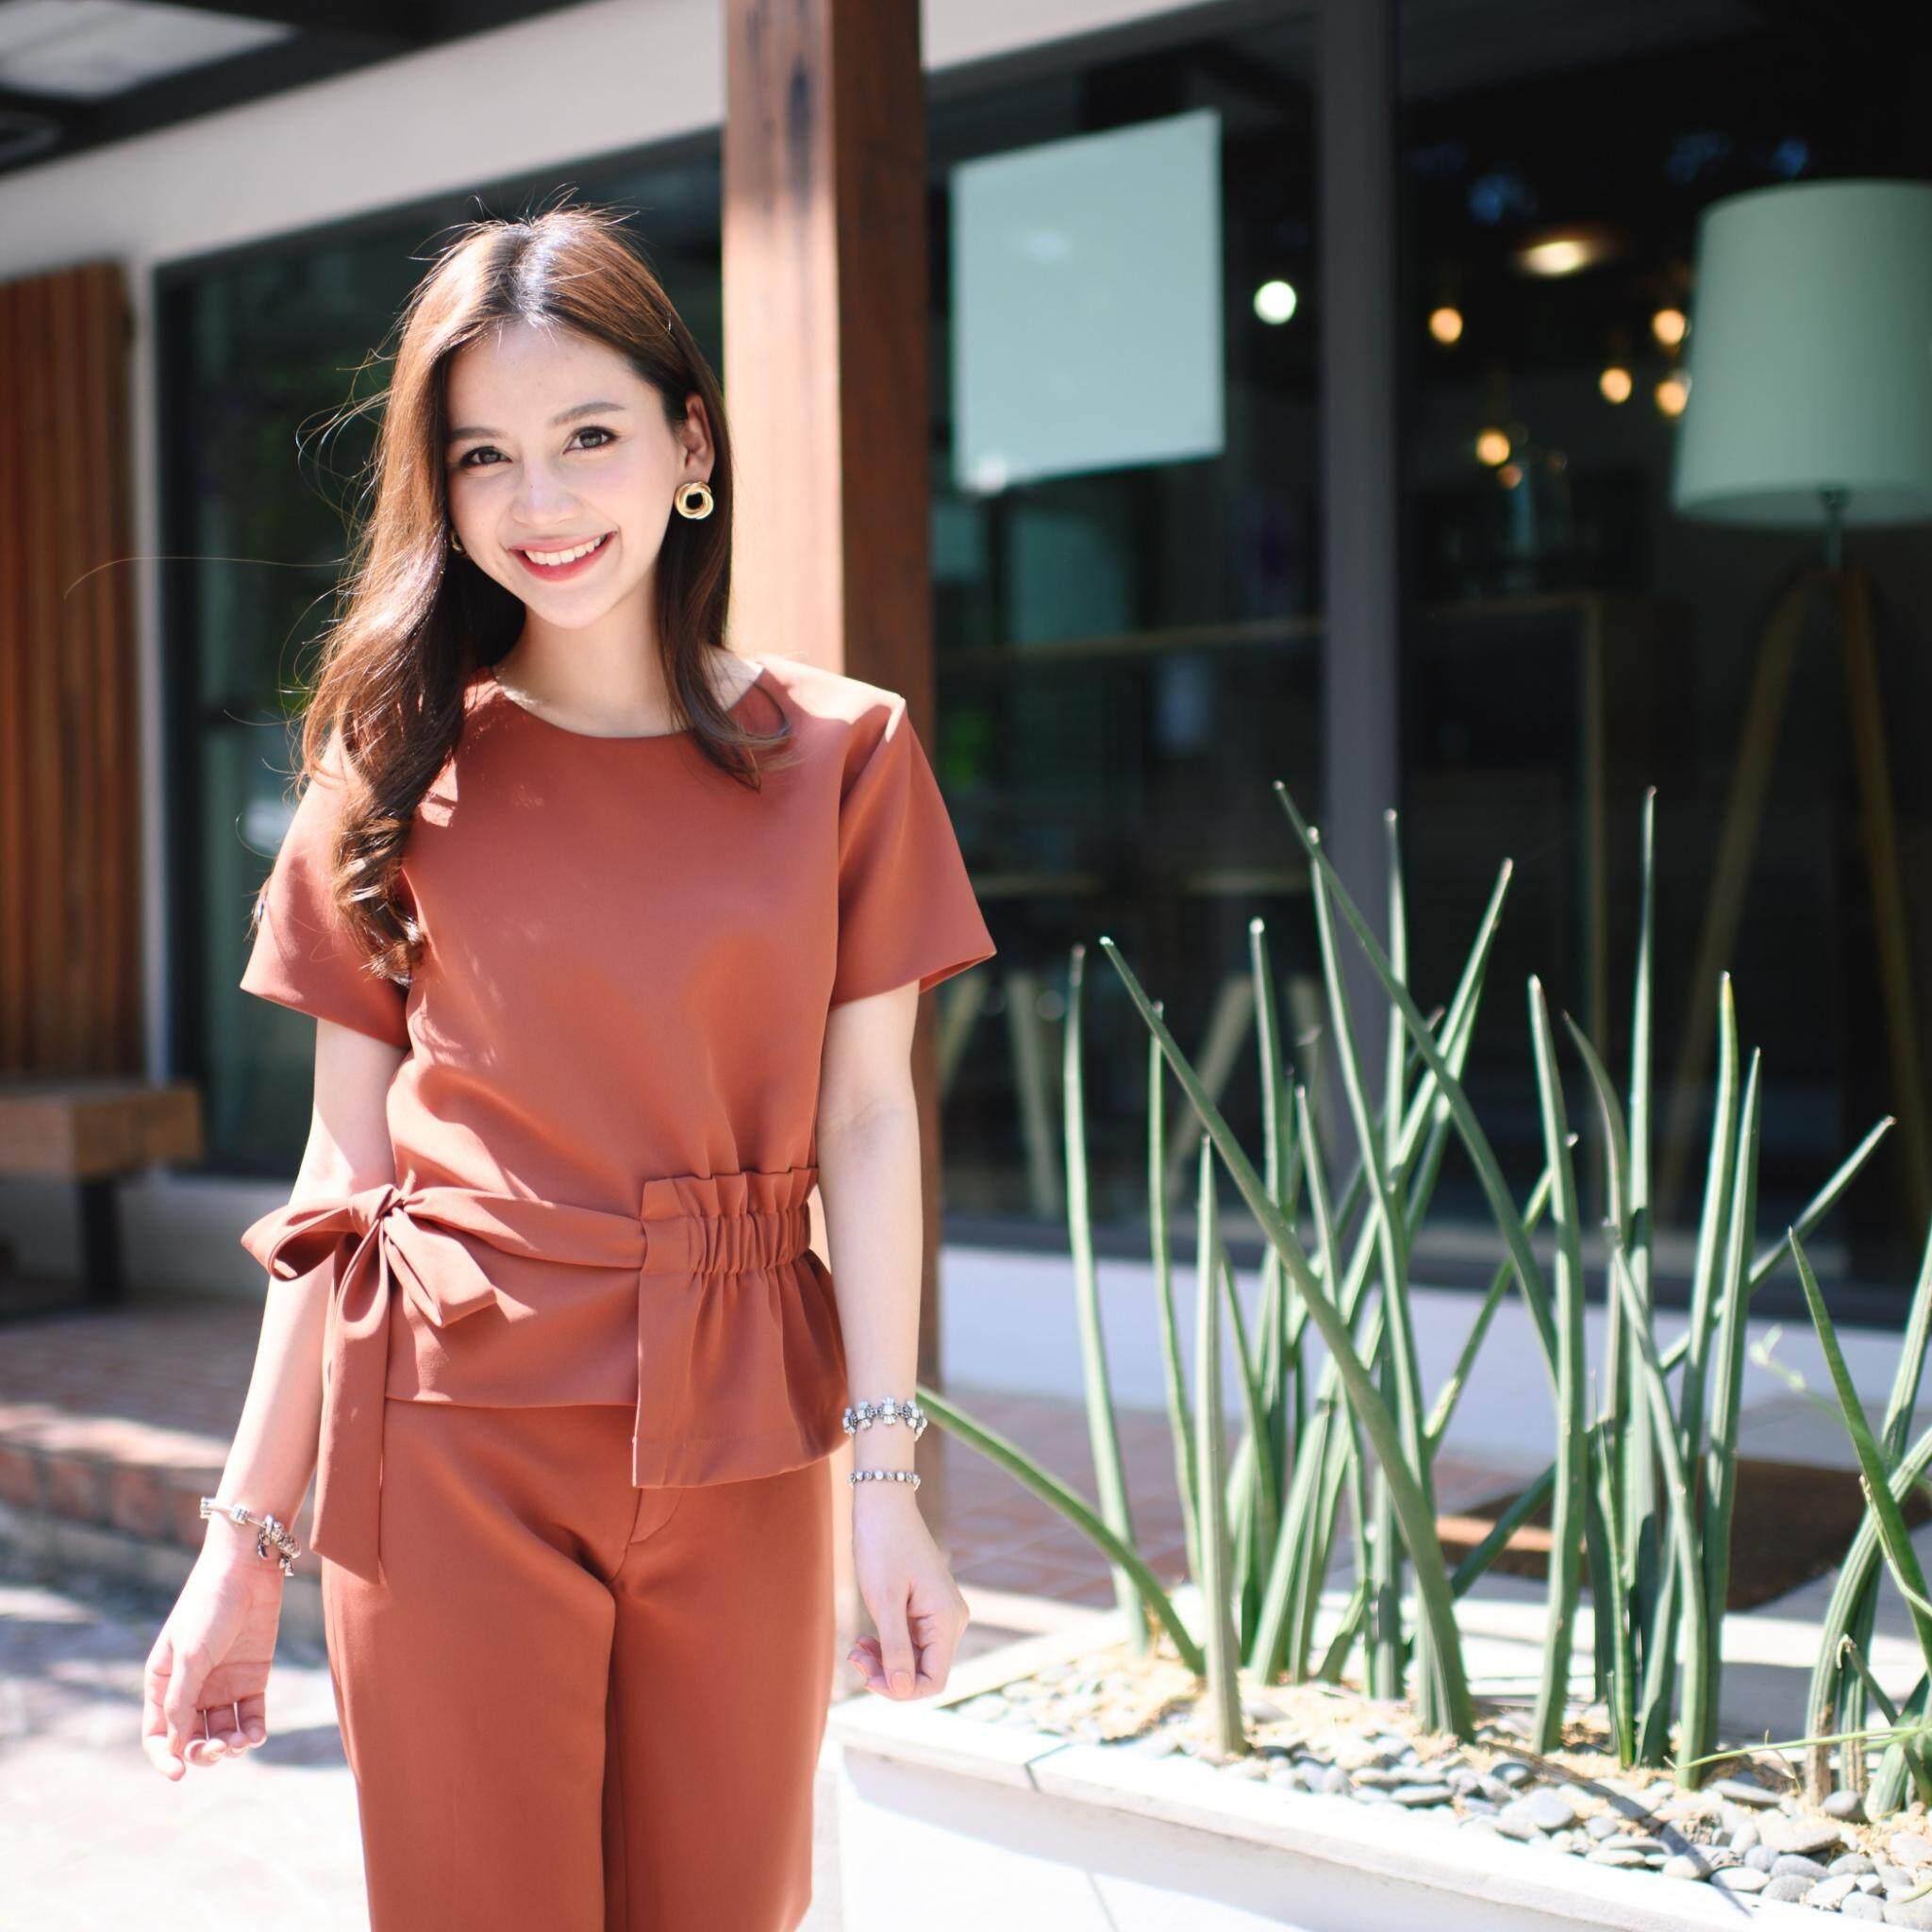 prettythingonme Summer Vibes Top เสื้อสี Sienna เสื้อแขนสั้นแต่งยางยืดผูกโบว์ข้าง ผ้าญี่ปุ่น เสื้อดีเทลน่ารัก